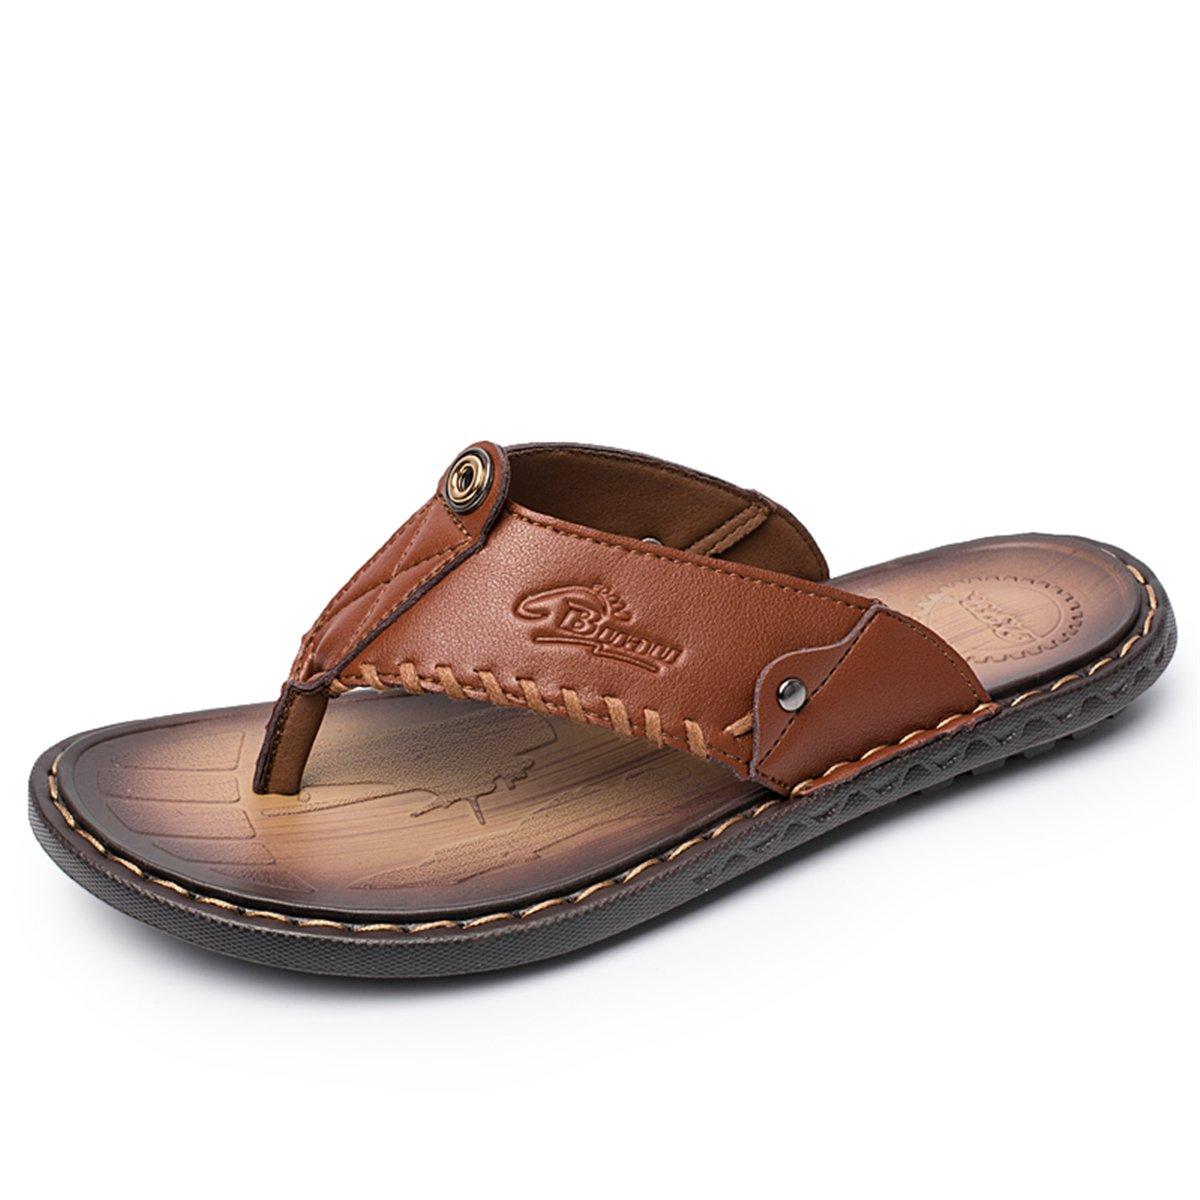 Gracosy Flip Flops, Unisex Zehentrenner Flache Hausschuhe Pantoletten Sommer Schuhe Slippers Weich Anti-Rutsch T-Strap Sandalen fuuml;r Herren Damenr  46 EU|Braun-e